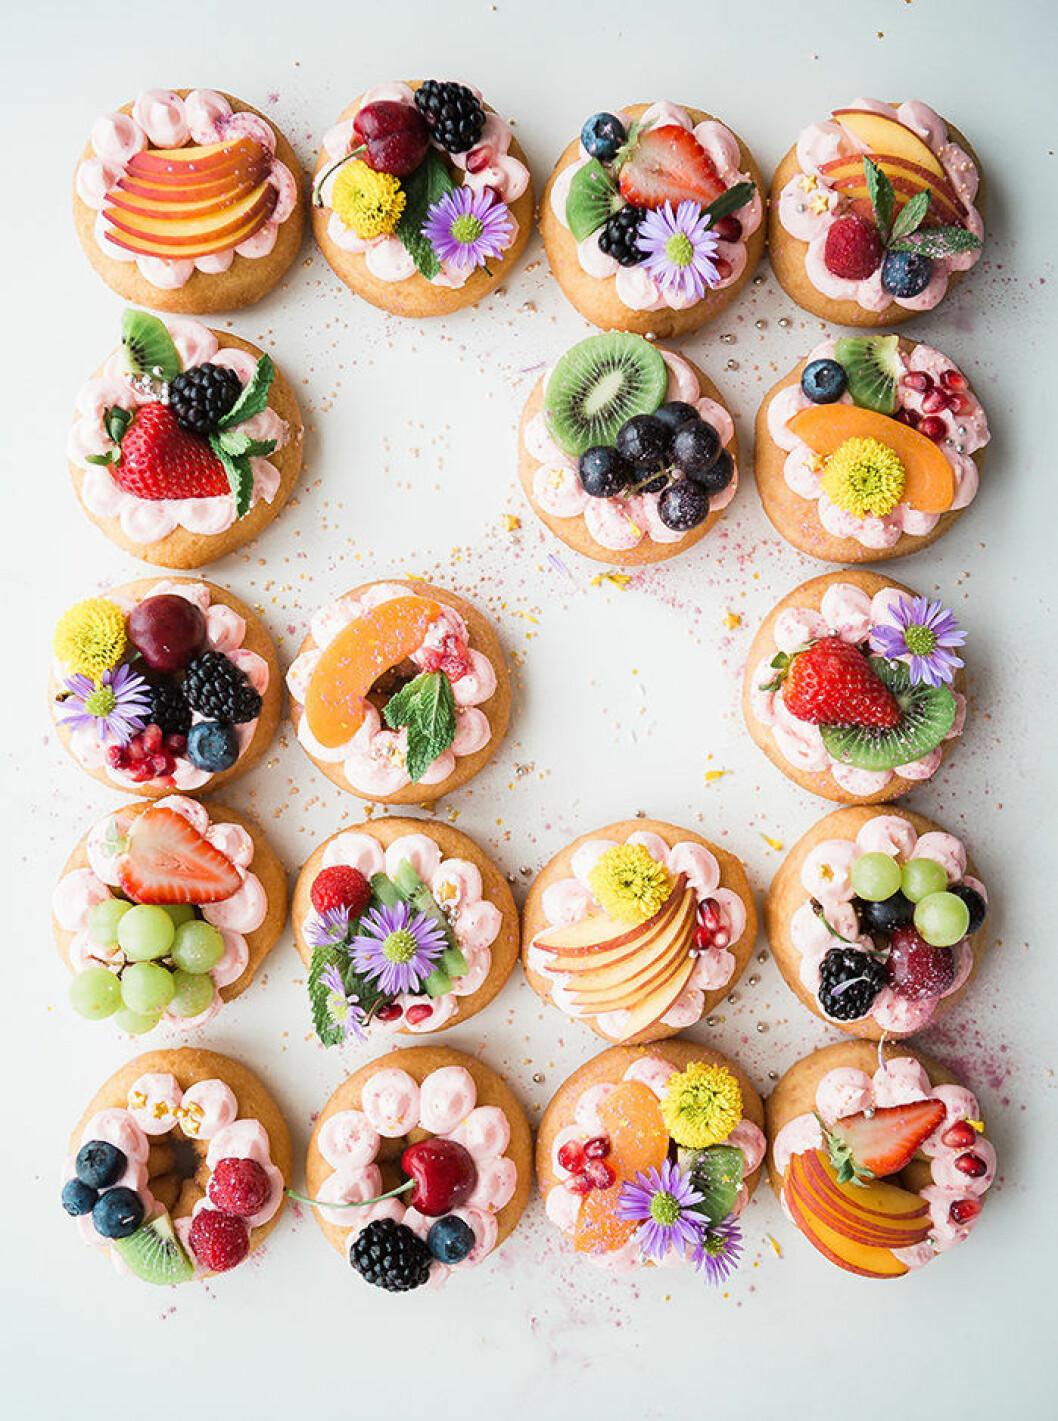 Dekorera maten och drycken med ätbara blommor på sommarens fester